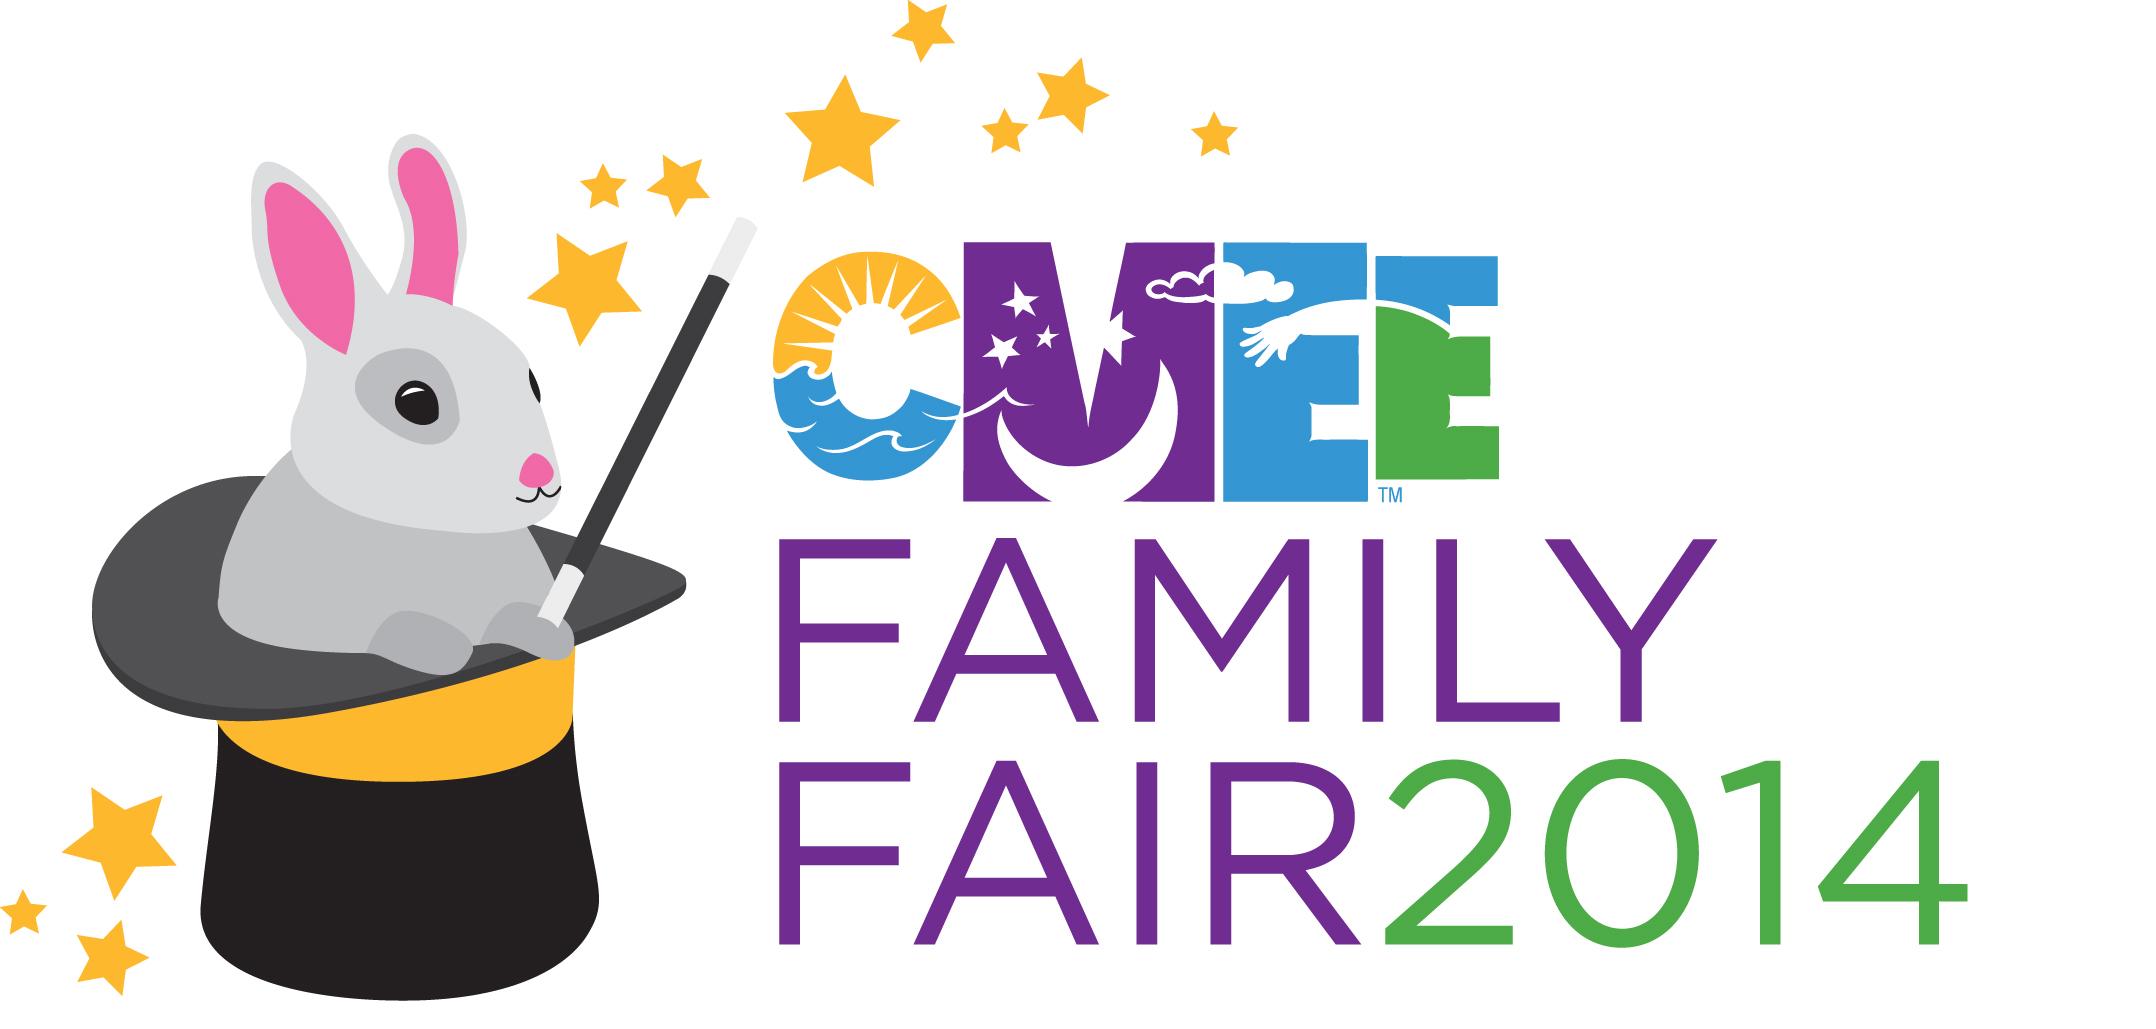 CMEE FAMILY FAIR 2014